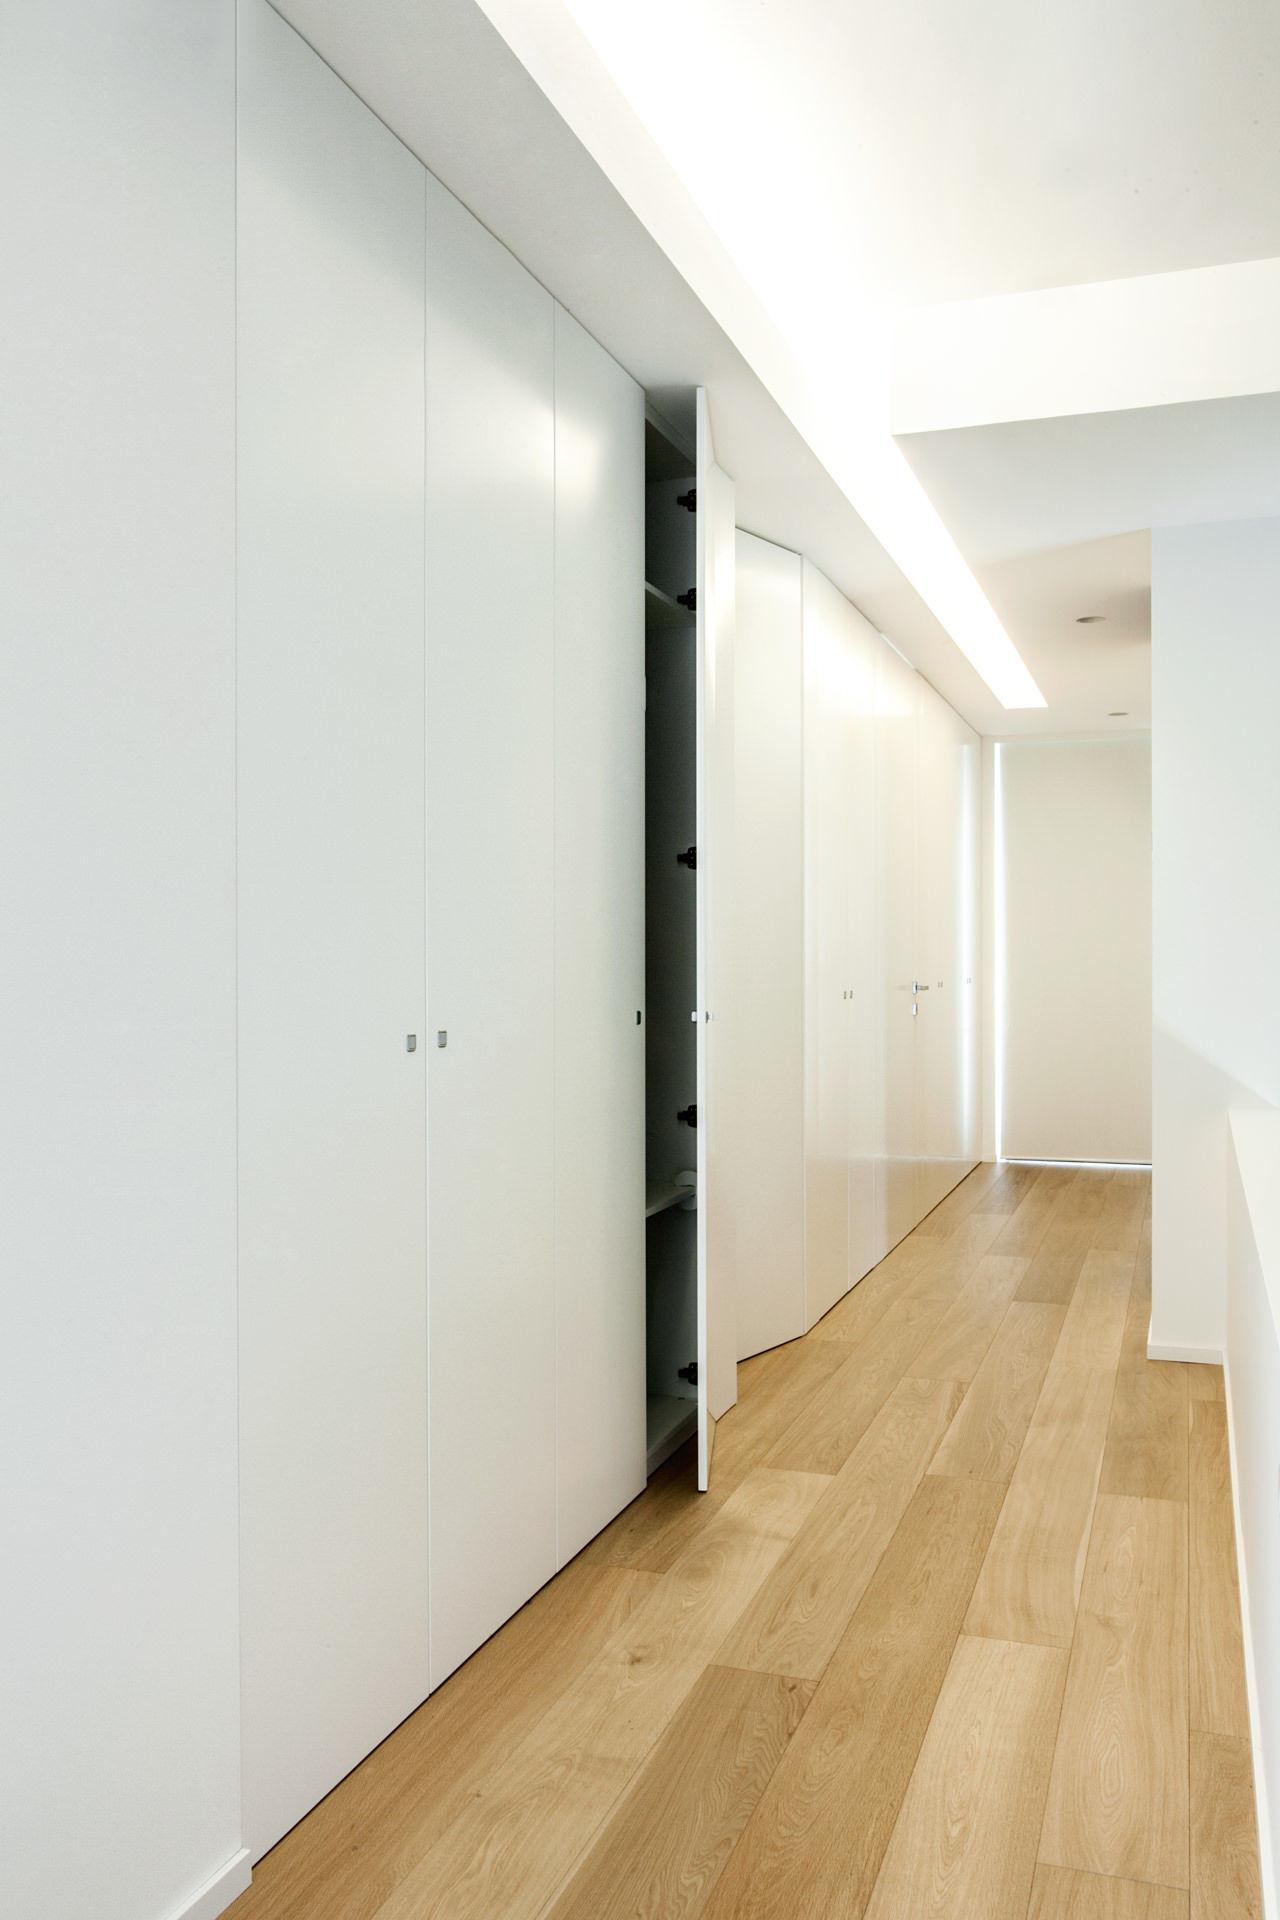 Armadio in legno minimal incassato su misura con porte integrate